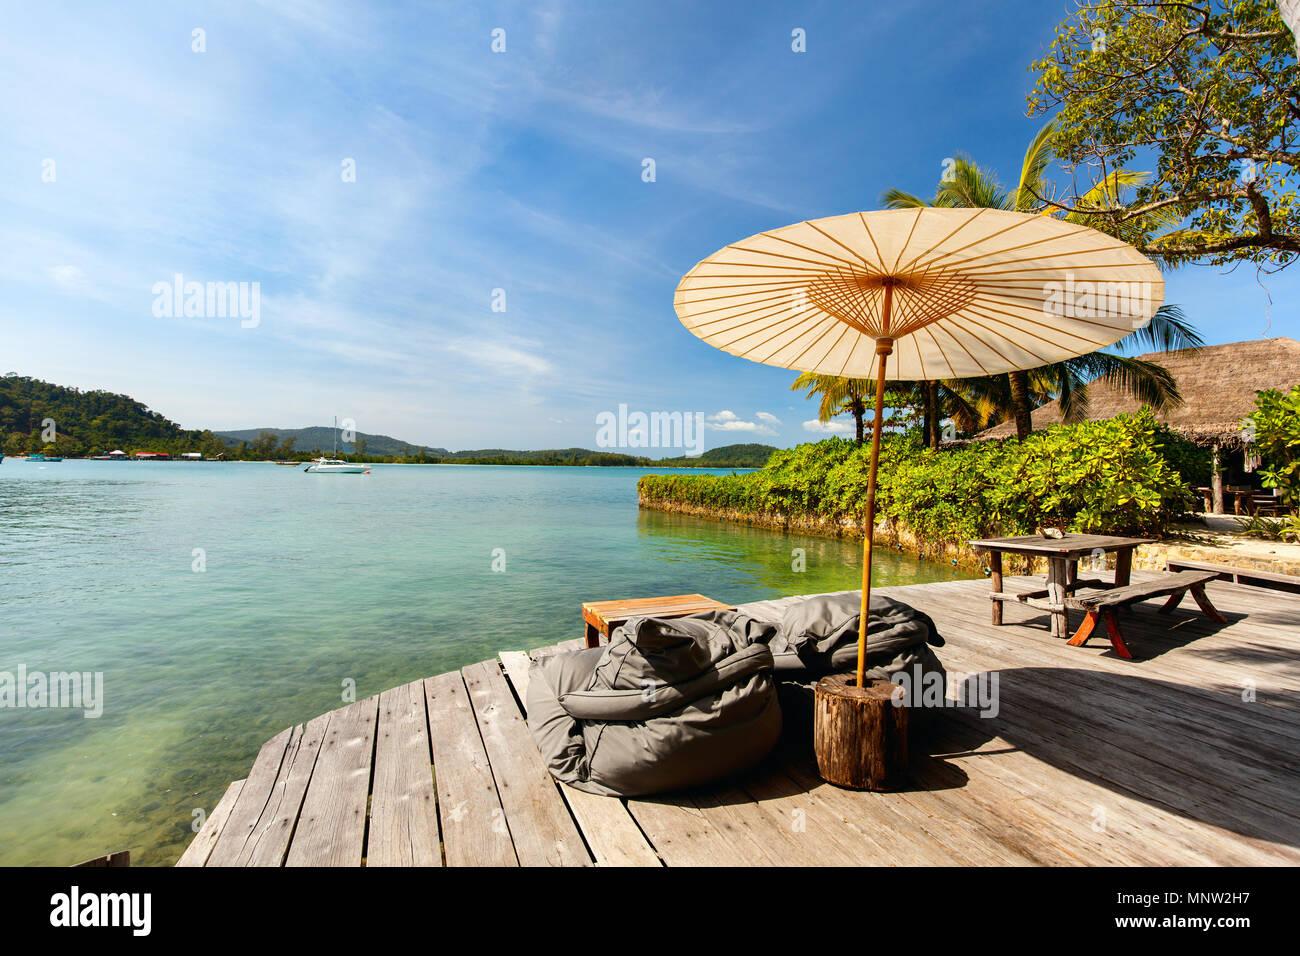 Idyllischen tropischen Insel und das türkisfarbene Wasser des Ozeans Stockbild